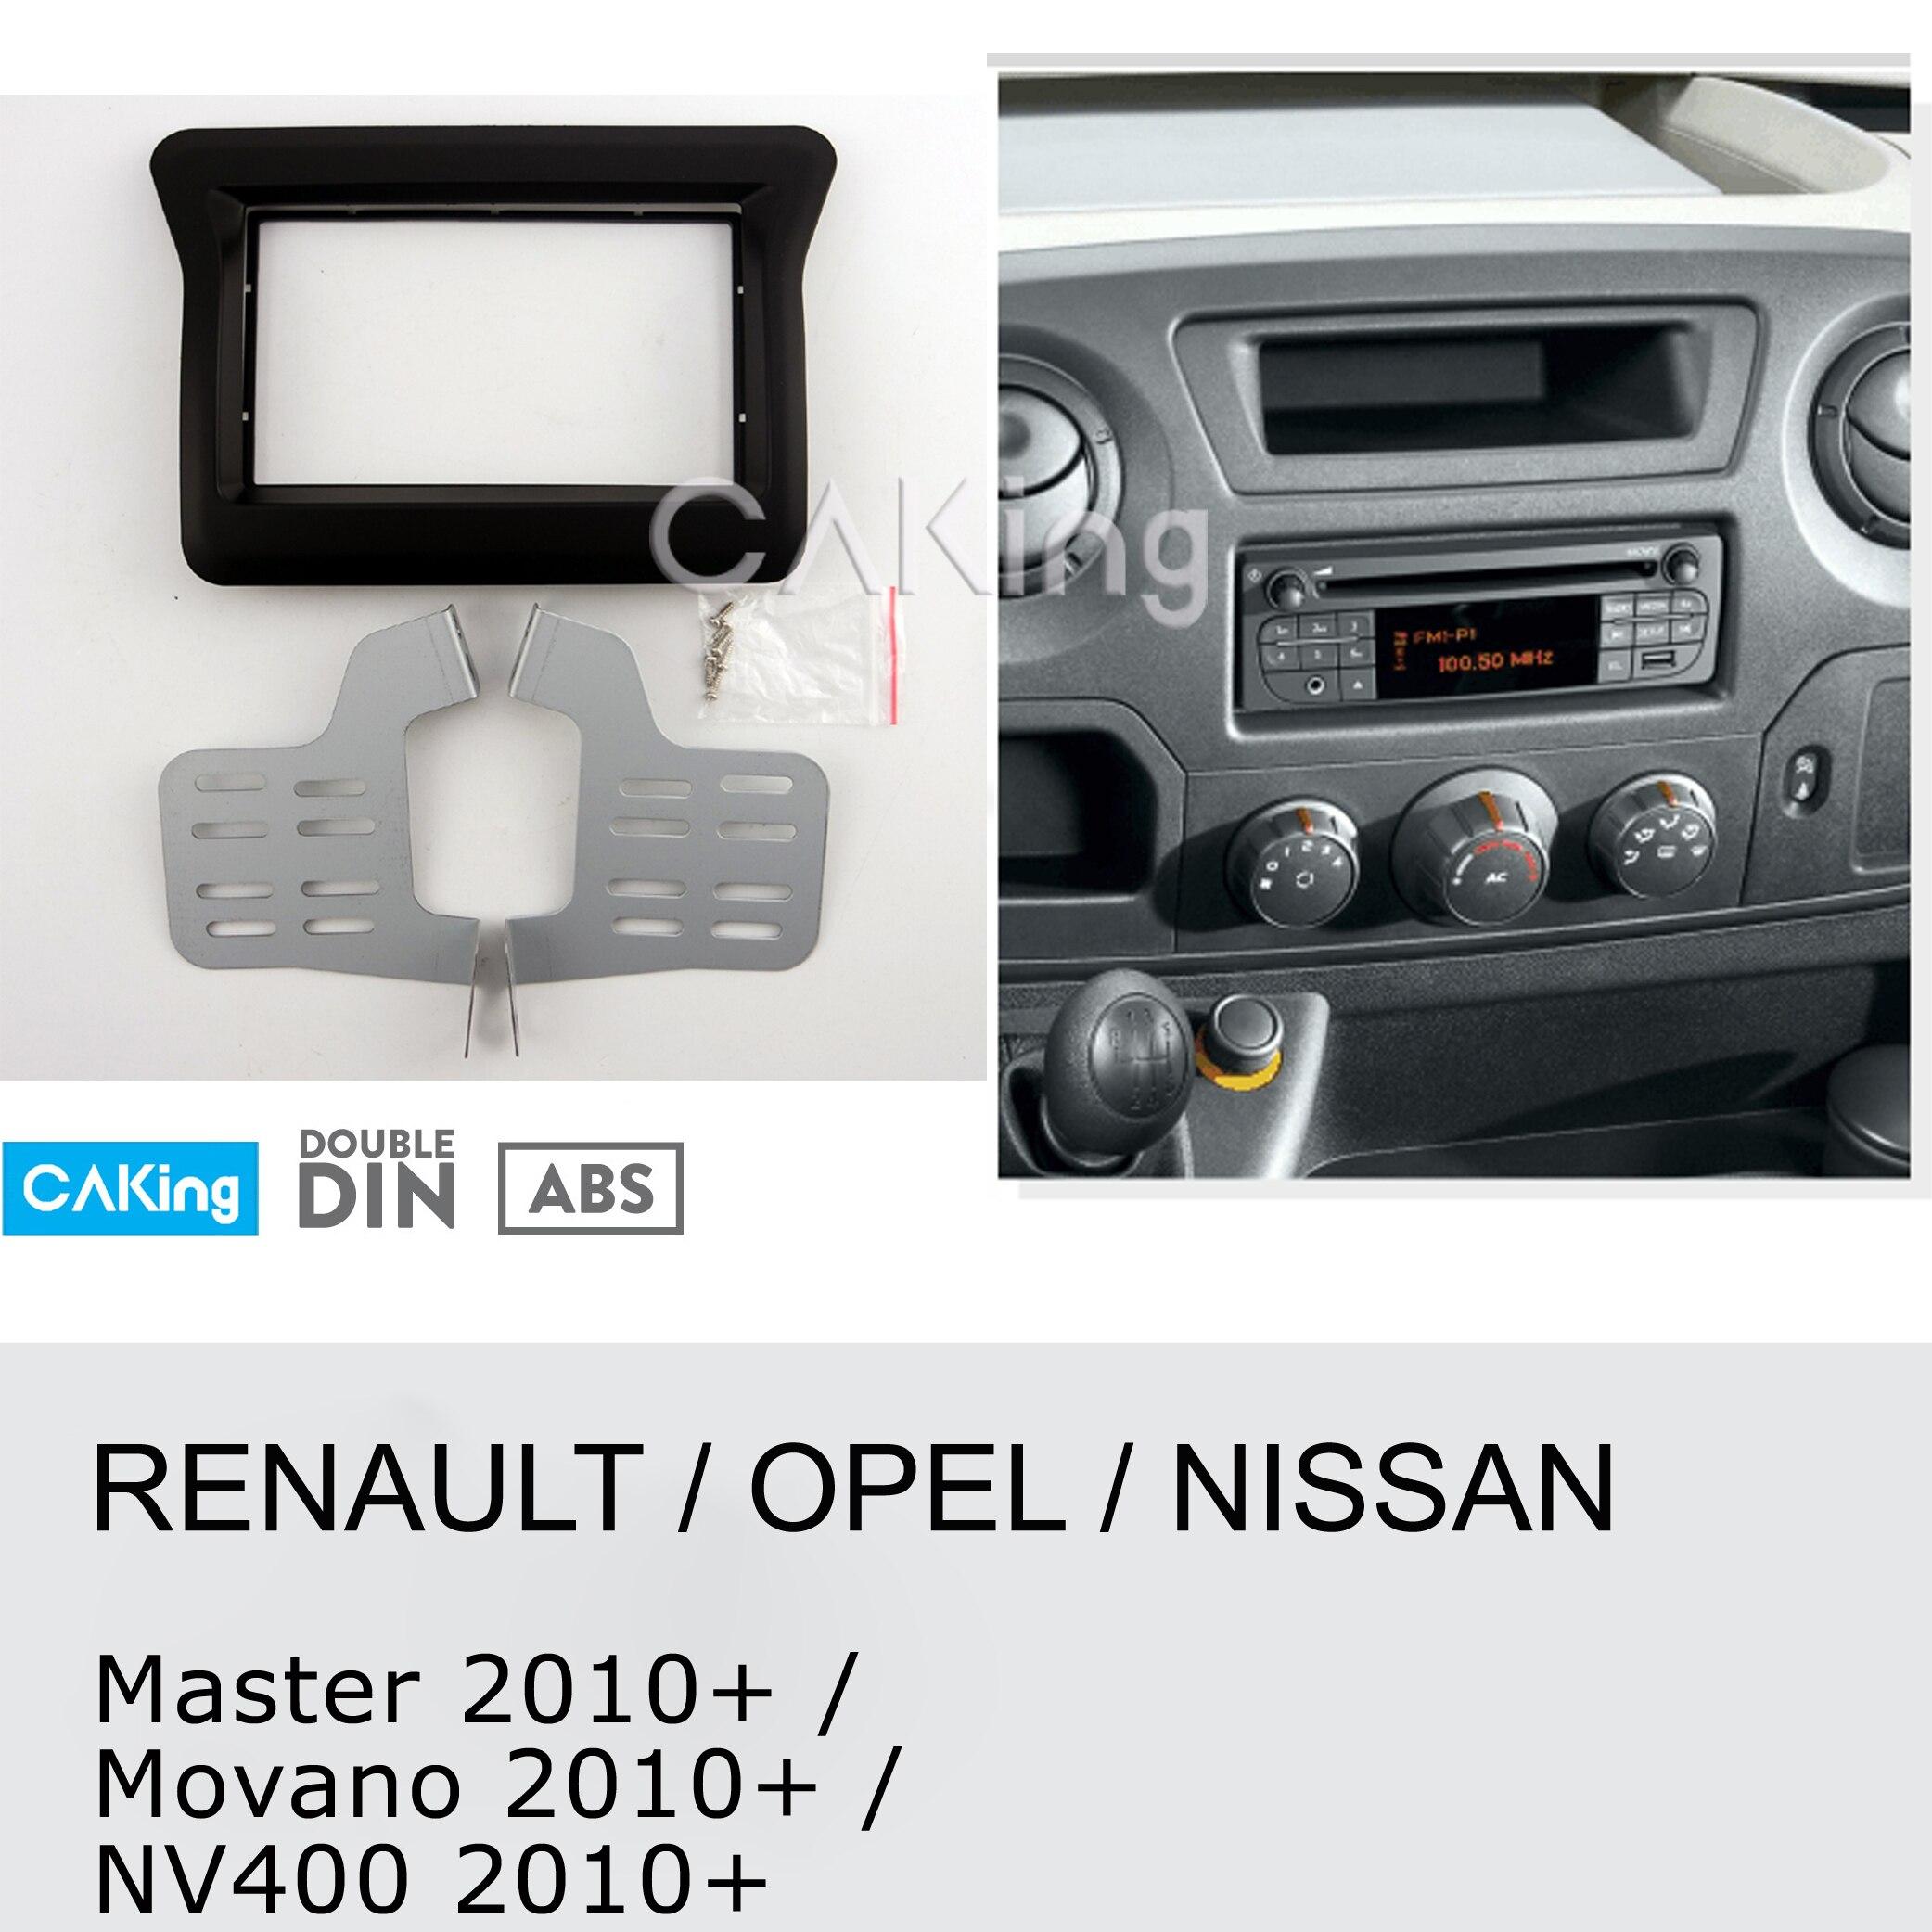 Poignée de Porte Avant Droit NV 400-Master Après 2010 pour Renault..............